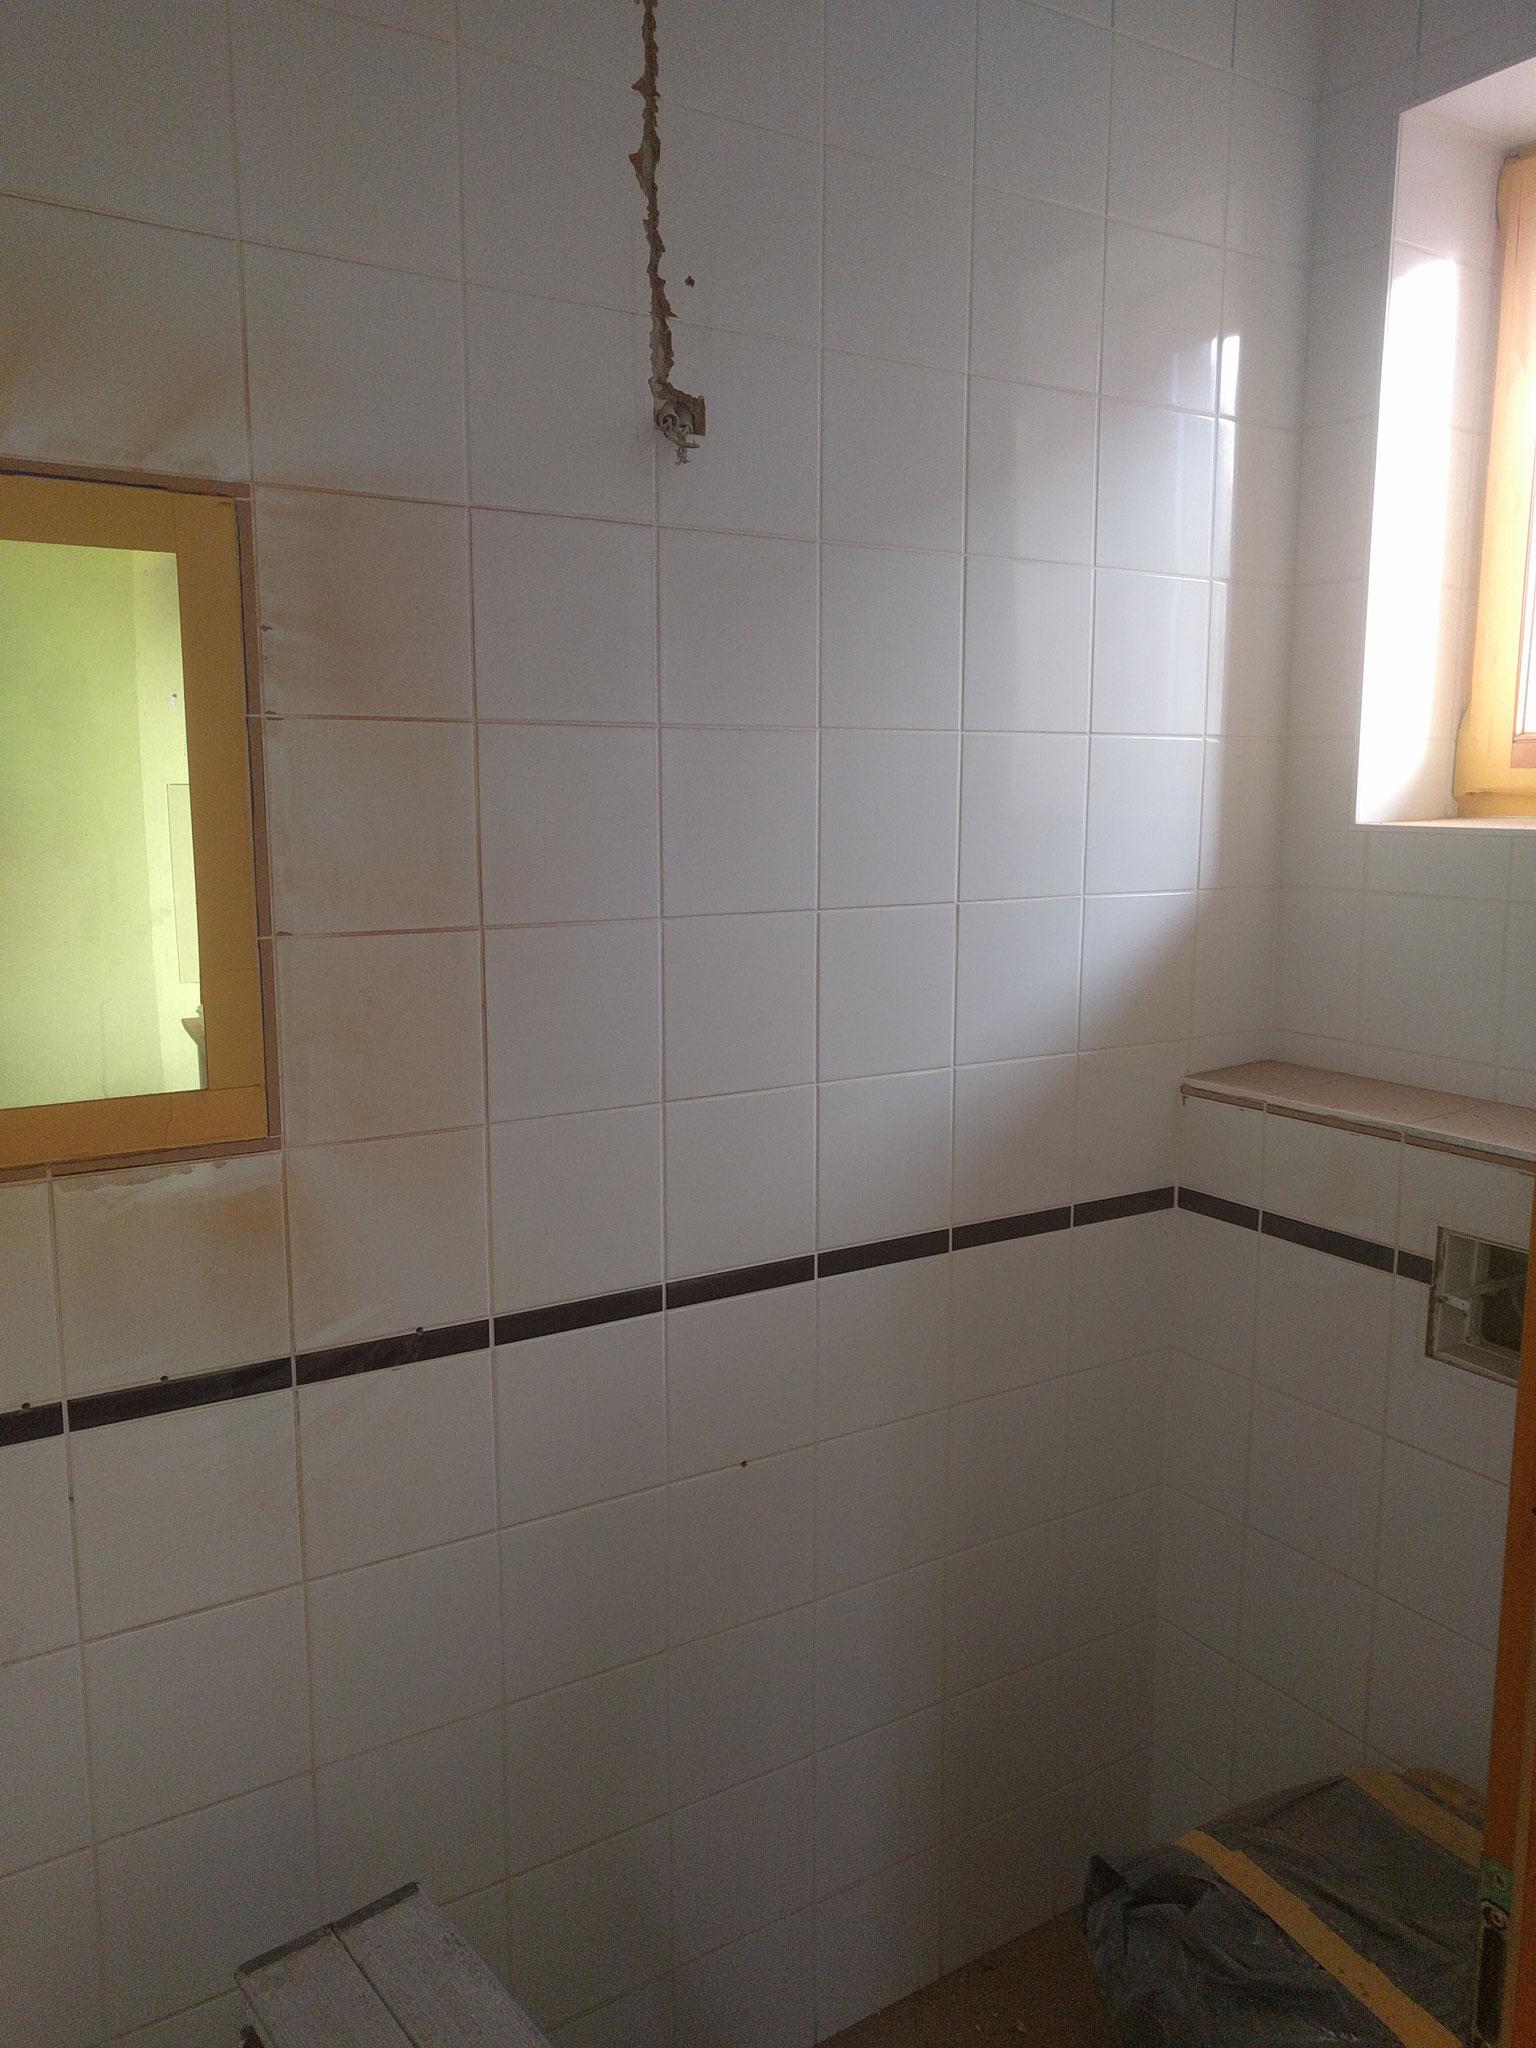 Gut gemocht Beton Ciré für Wände. Minimalistische Sichtbetonoptik. Fugenlose GC61